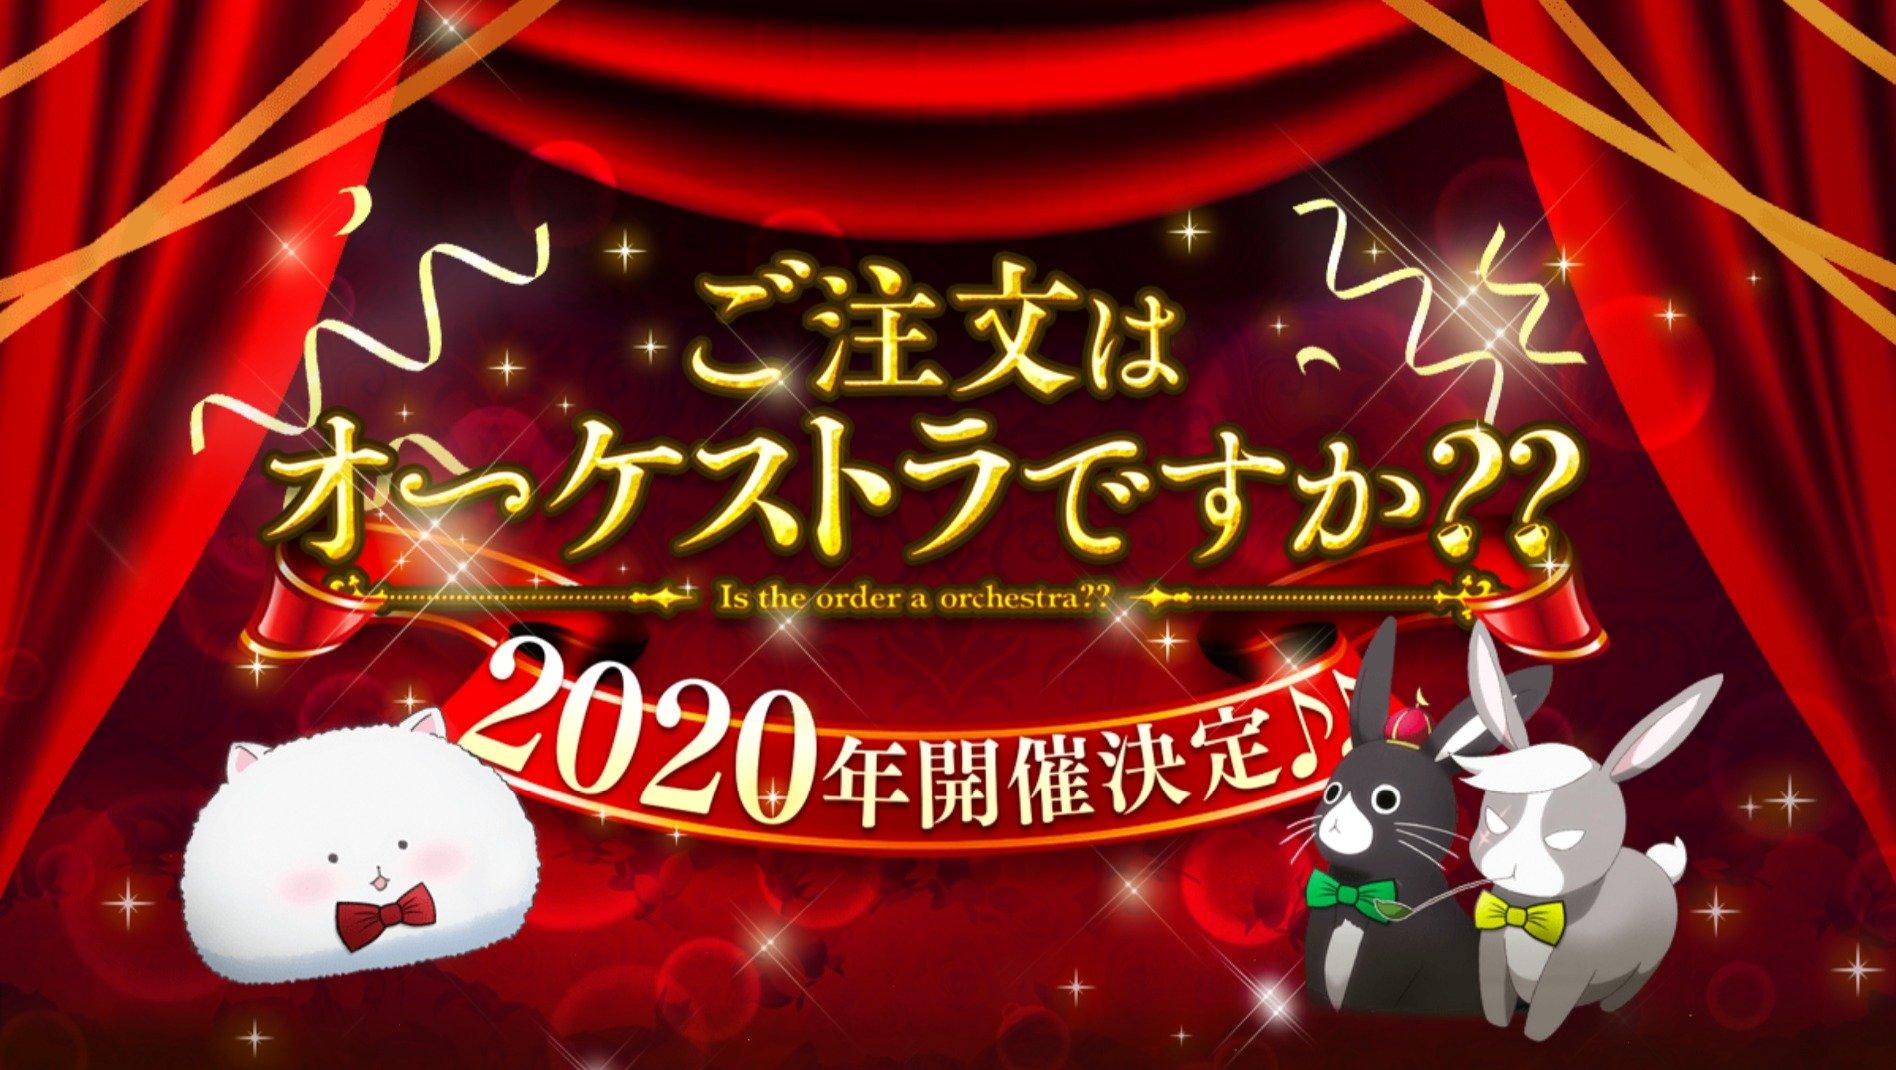 《请问您今天要来点兔子吗》将于2020年举办管弦乐演出活动